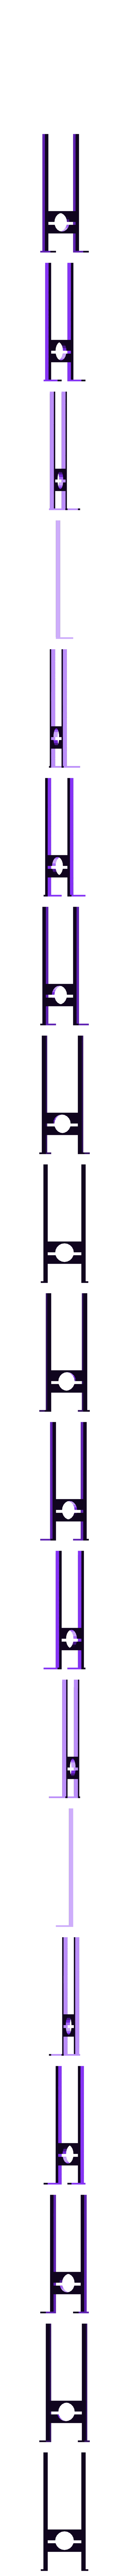 TortureTrap_Guillotine_Stand.stl Télécharger fichier STL gratuit TortureTrap : une extension du piège à souris • Objet pour impression 3D, mrhers2